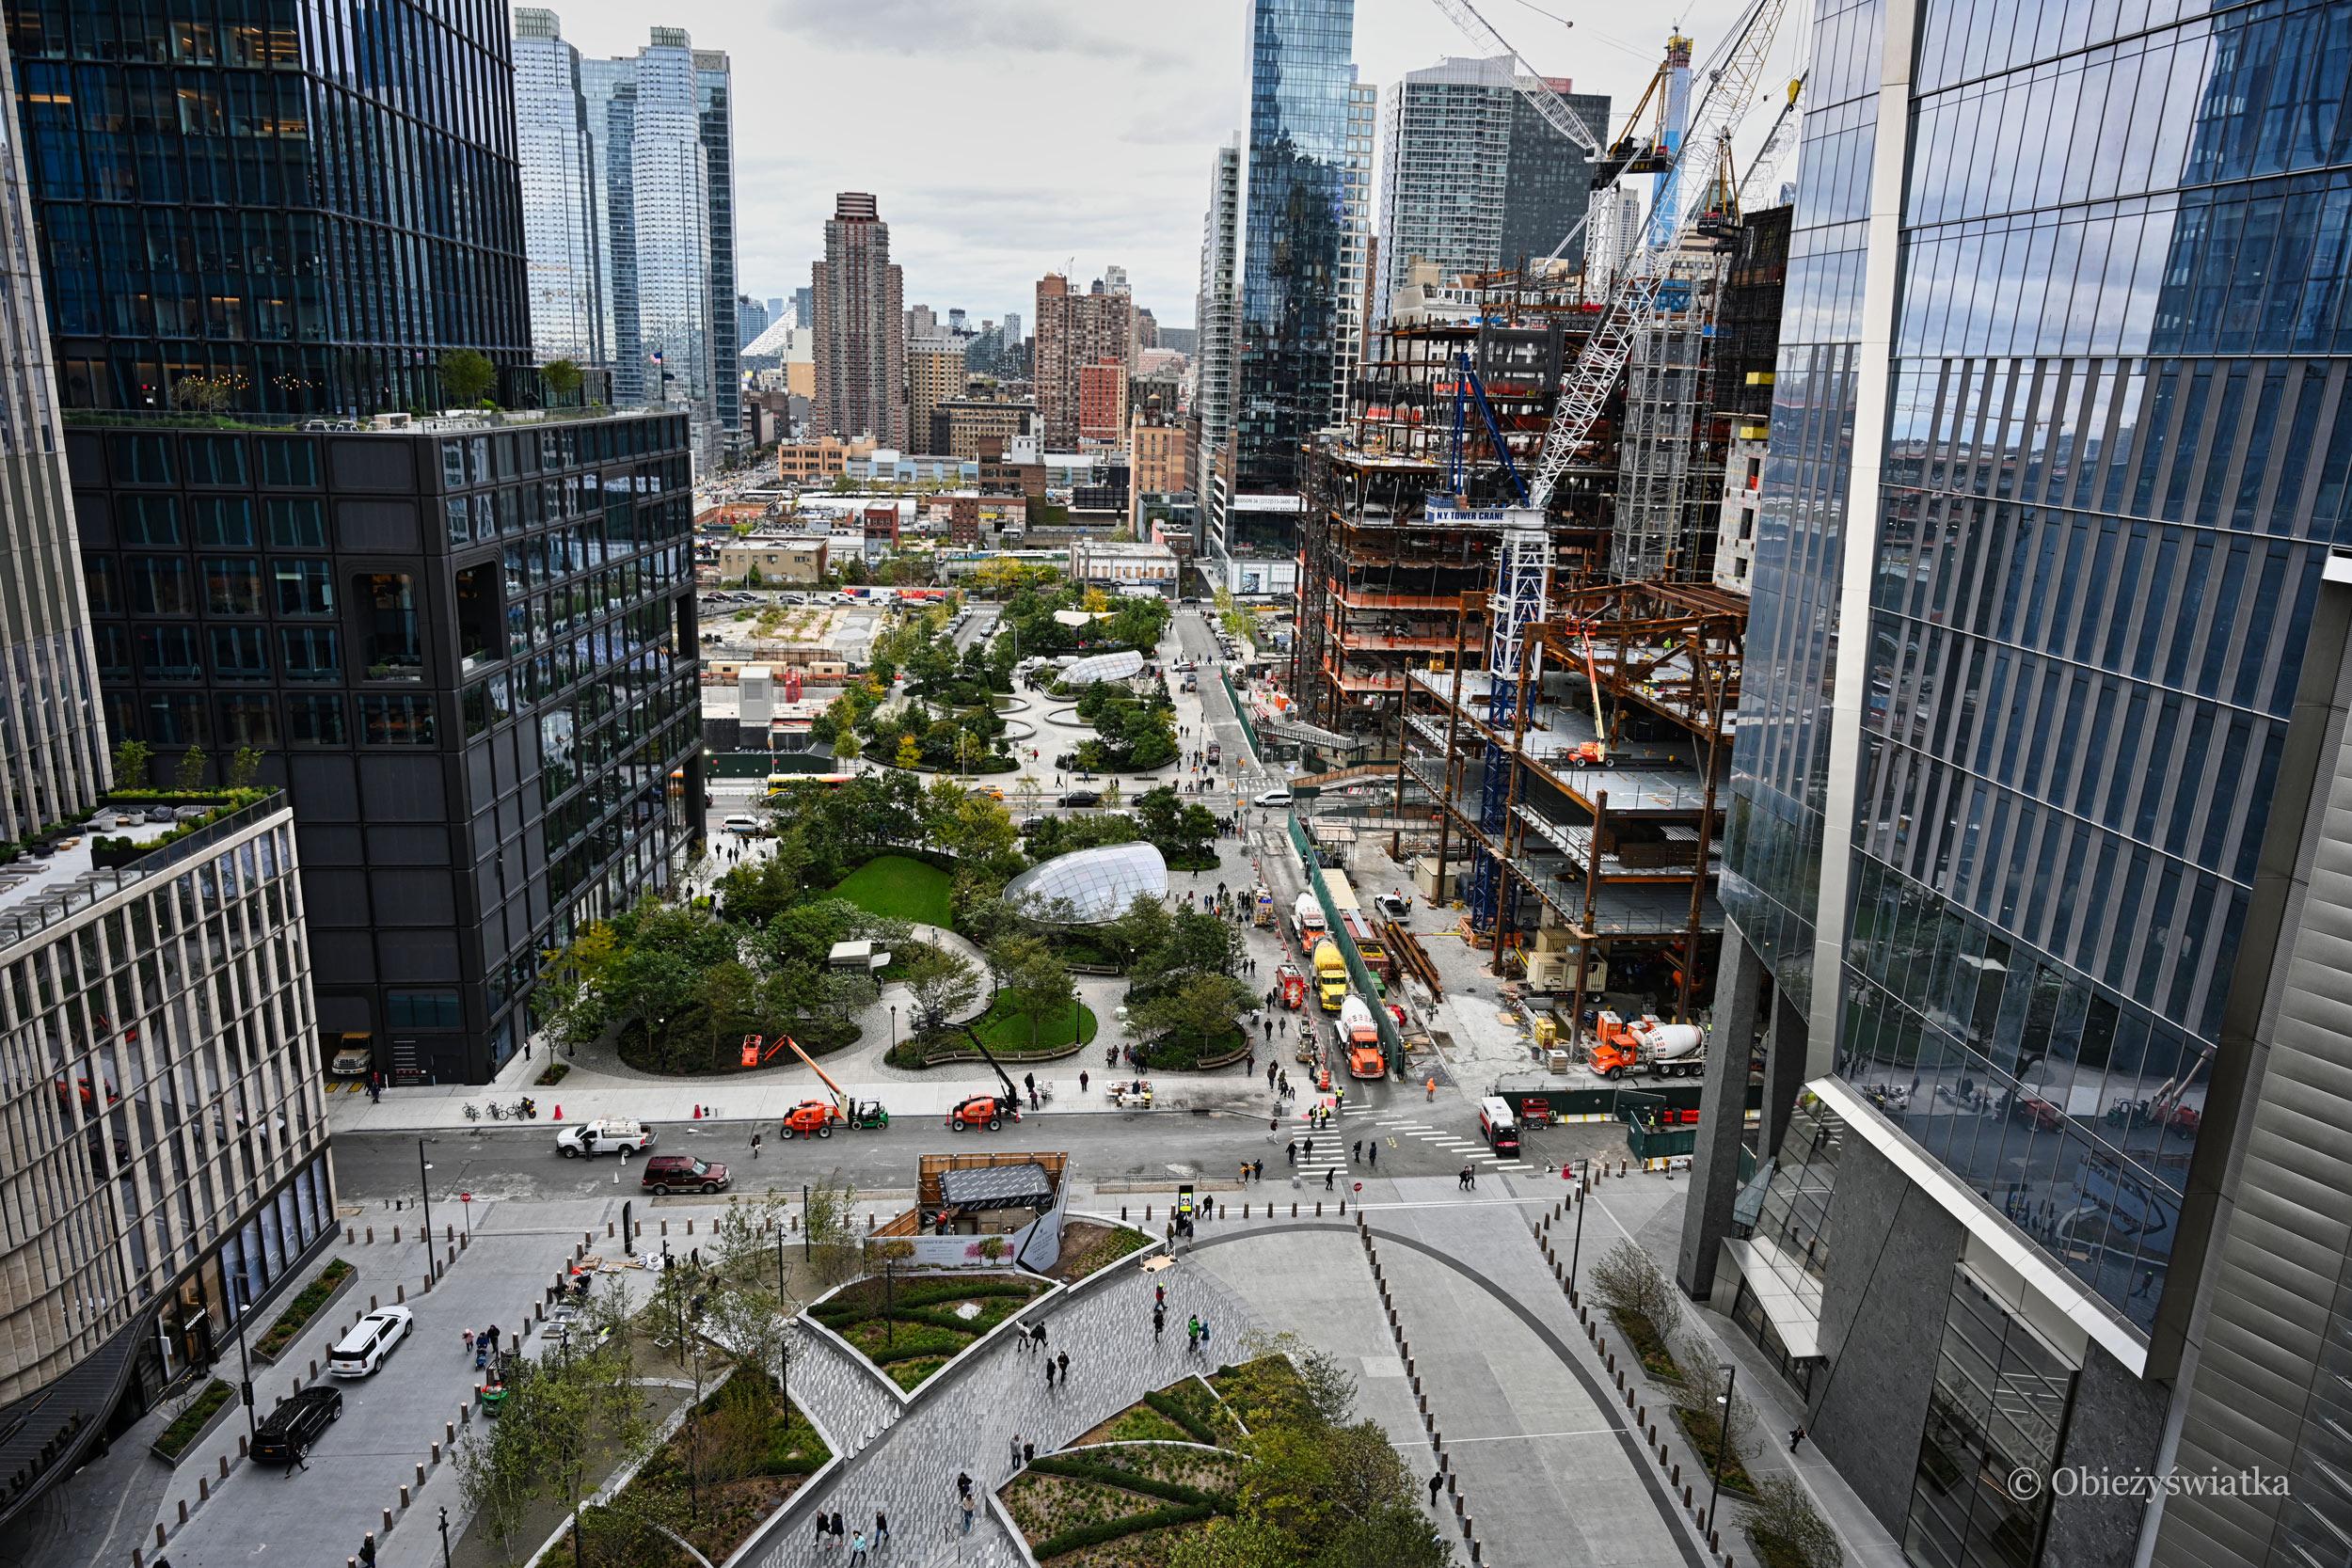 Widok z platformy widokowej The Vessel, Nowy Jork